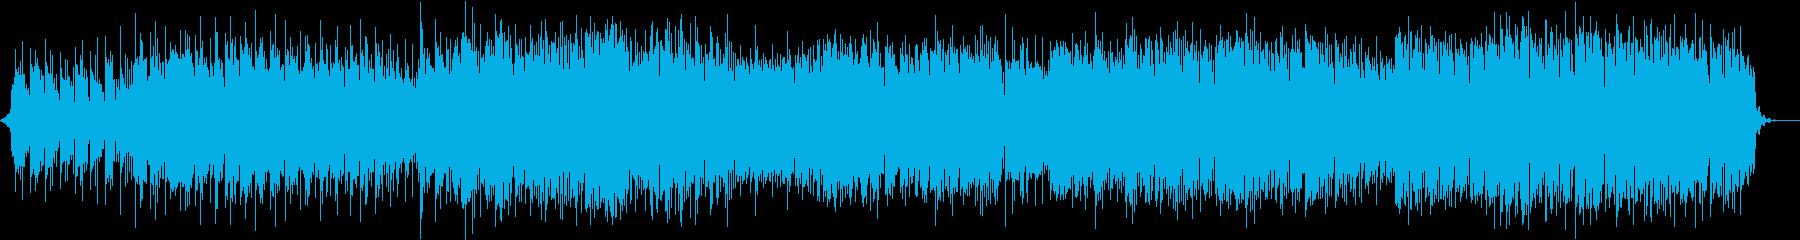 テクノポップ調の軽快で明るい楽曲の再生済みの波形